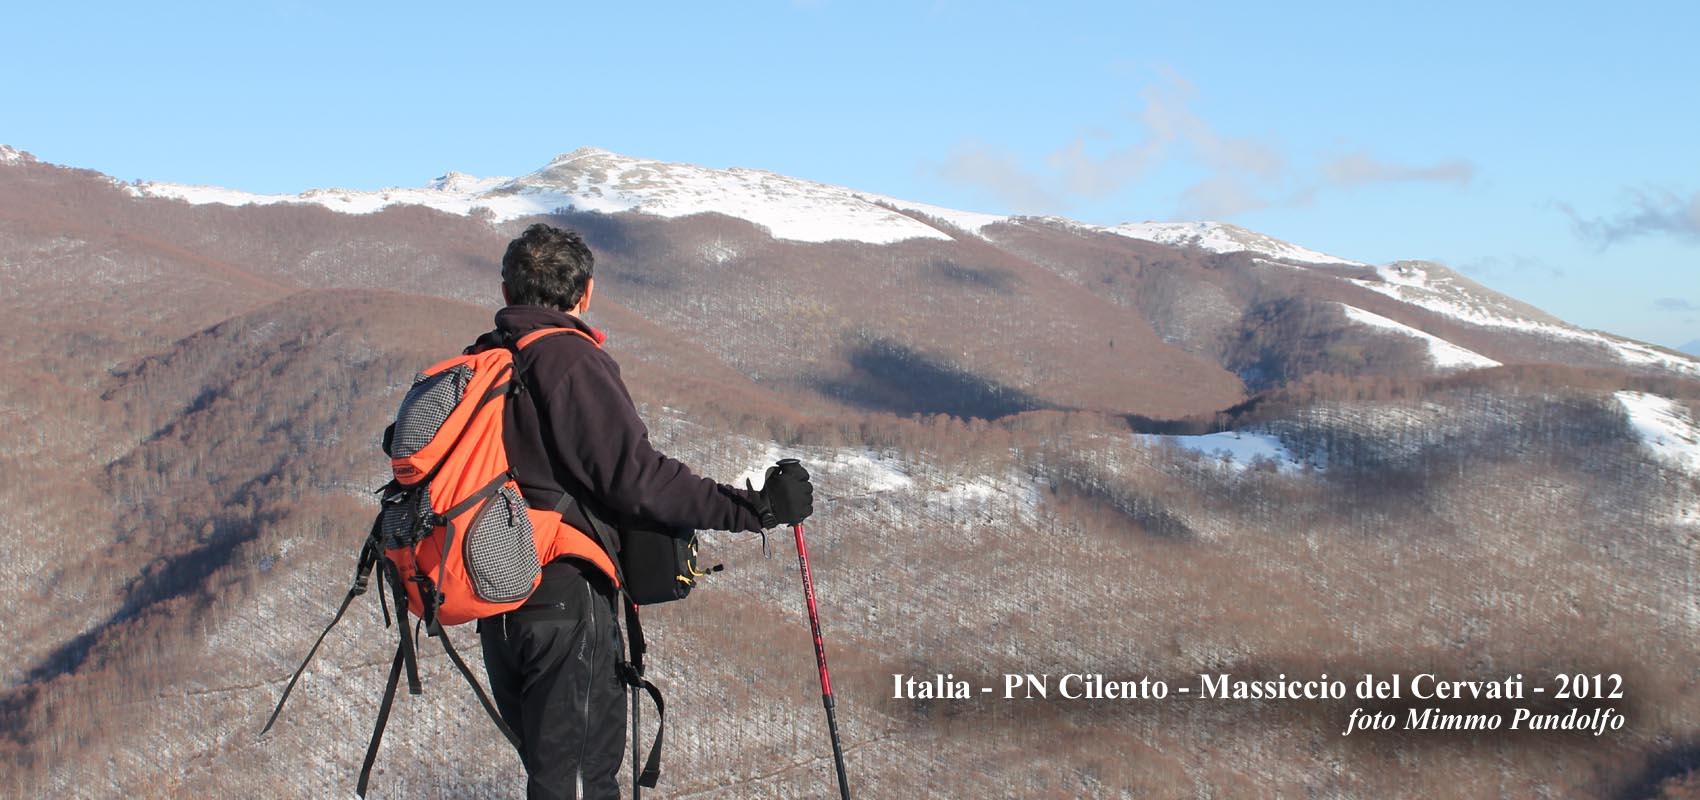 Italia, PN Cilento - Massiccio del Cervati - 2012